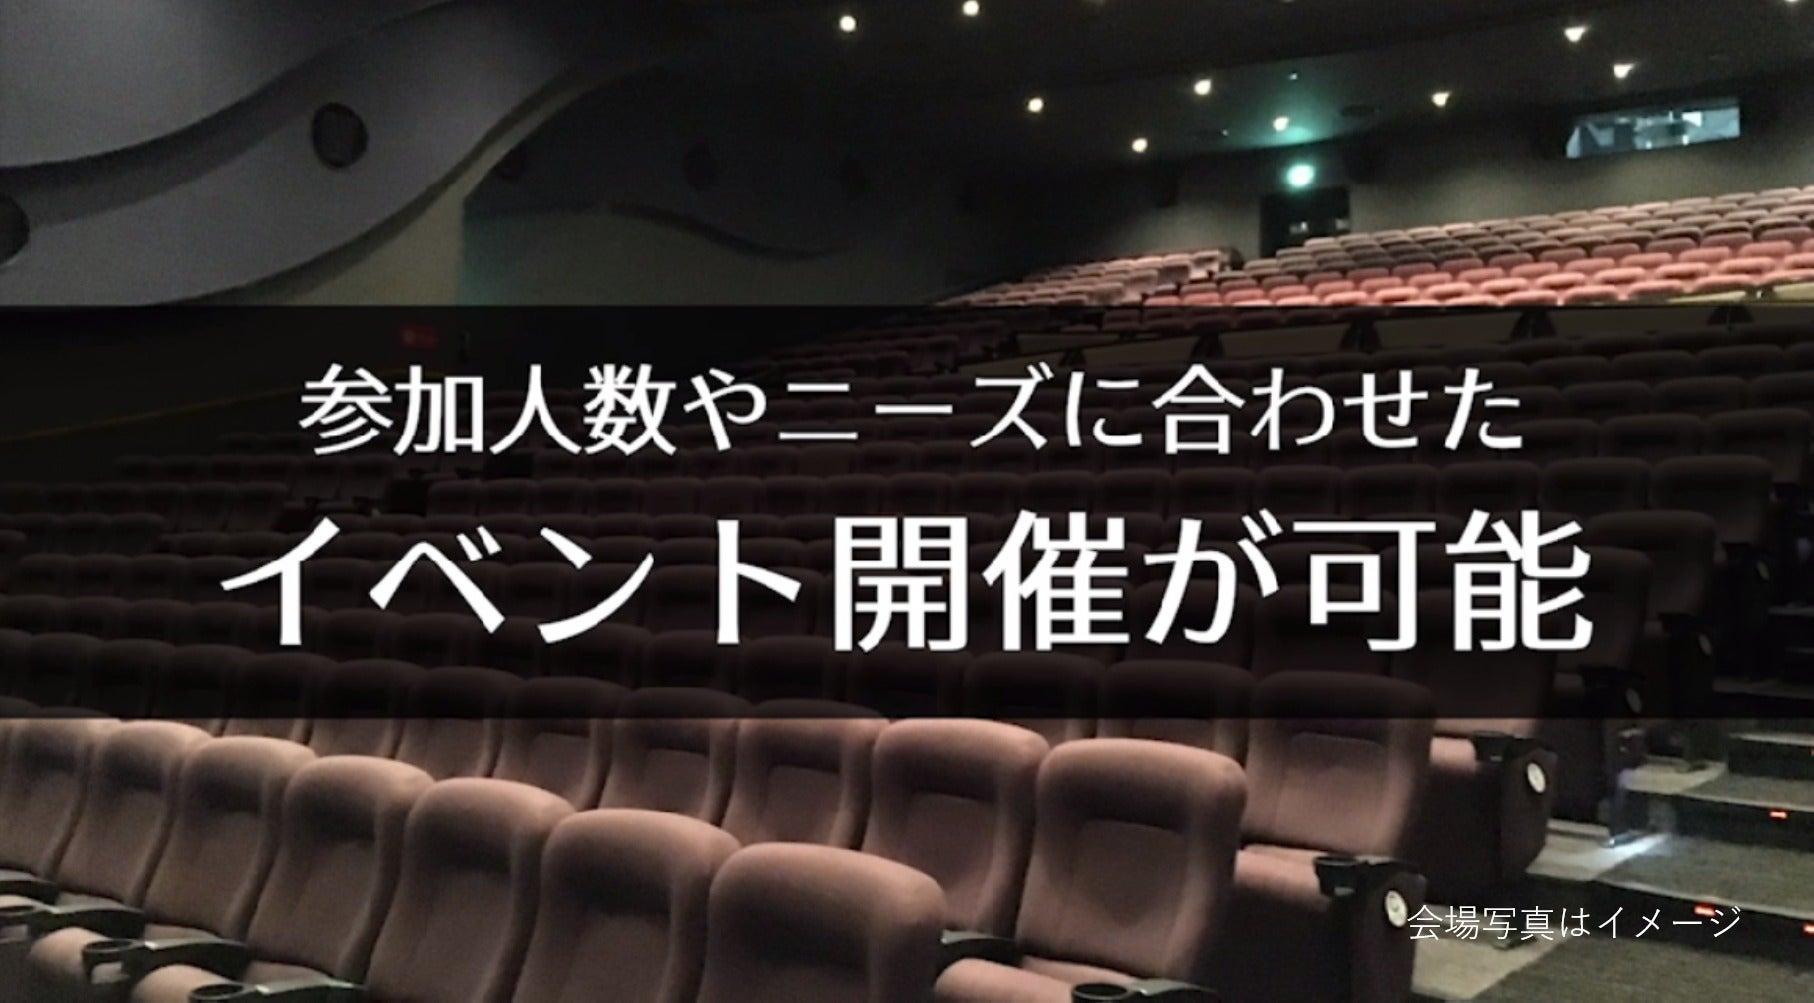 【幕張 211席】映画館で、会社説明会、株主総会、講演会の企画はいかがですか?(シネプレックス幕張) の写真0